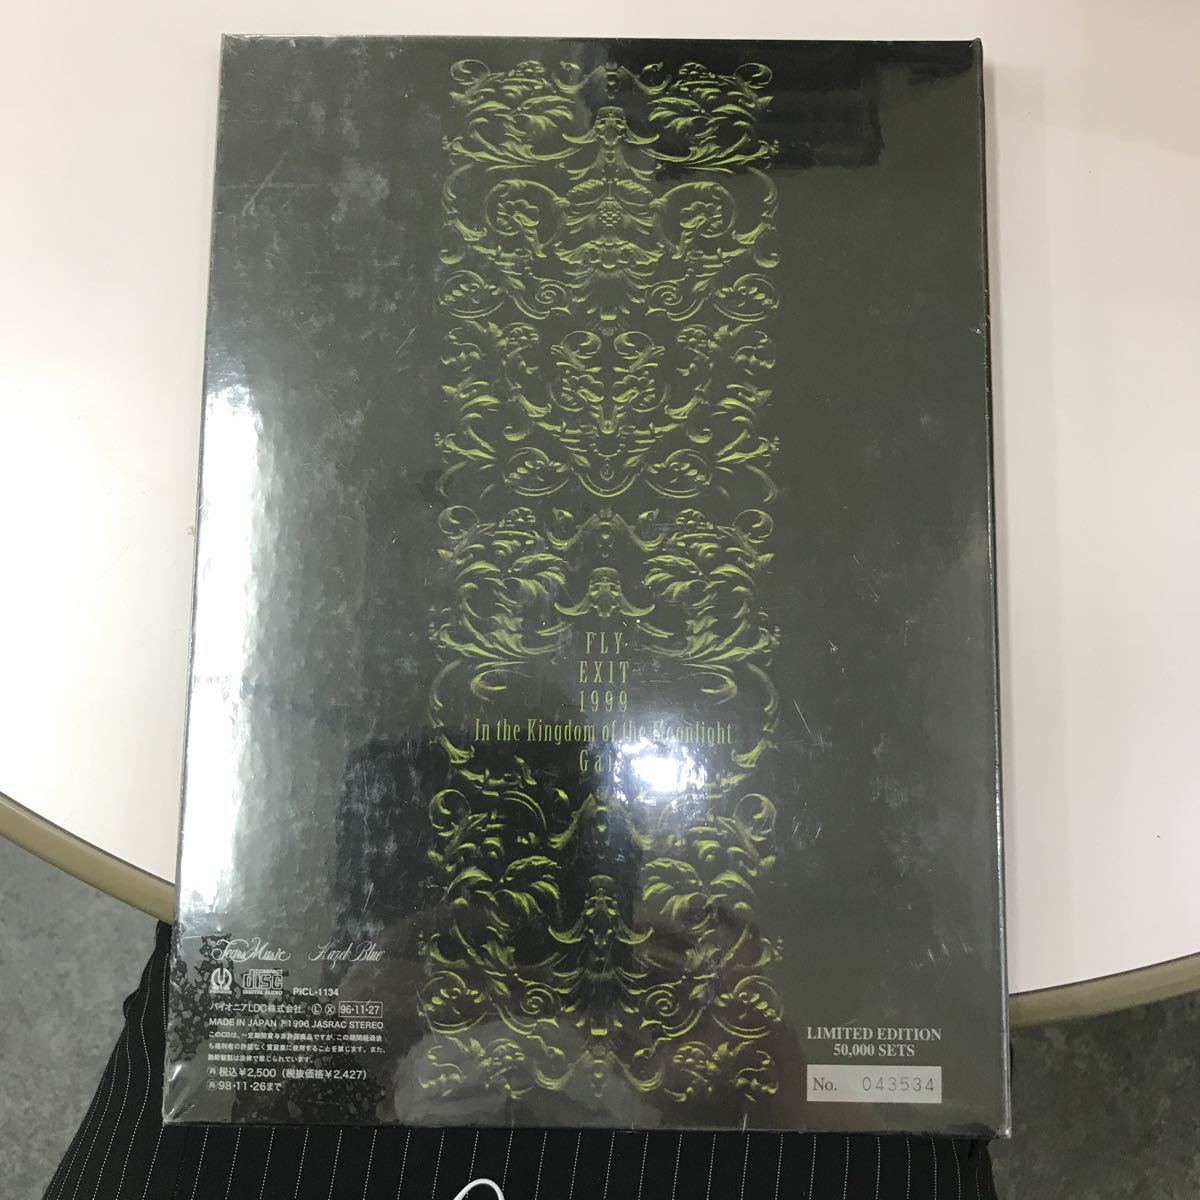 CD 未開封【邦楽】長期保存品 ペニシリン フューチャリング千聖 FLY